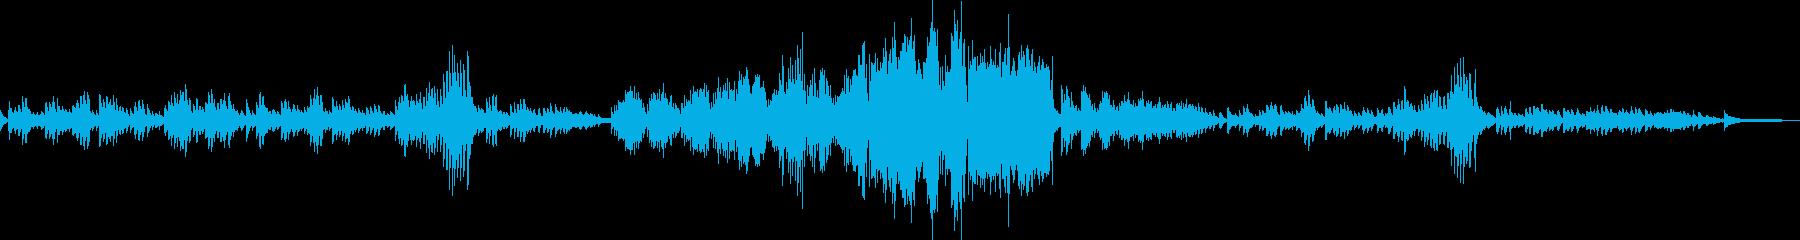 ショパン 別れの曲 Op10 No3の再生済みの波形